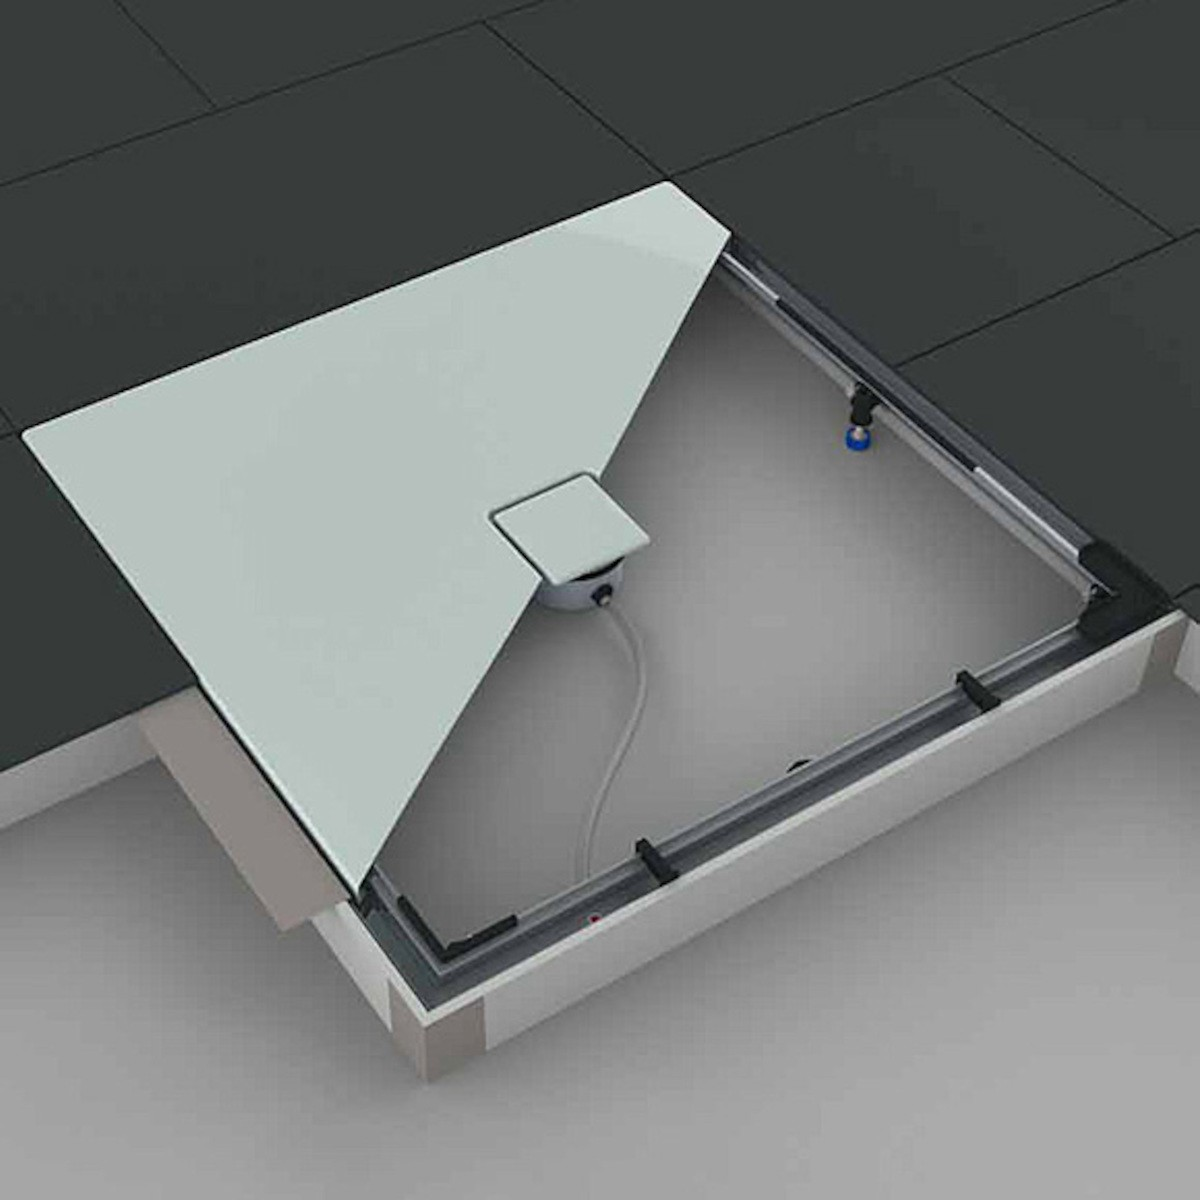 Montážny systém Kaldewei ESR II pre sprchové vaničky 750 x 1000 mm 584574060000